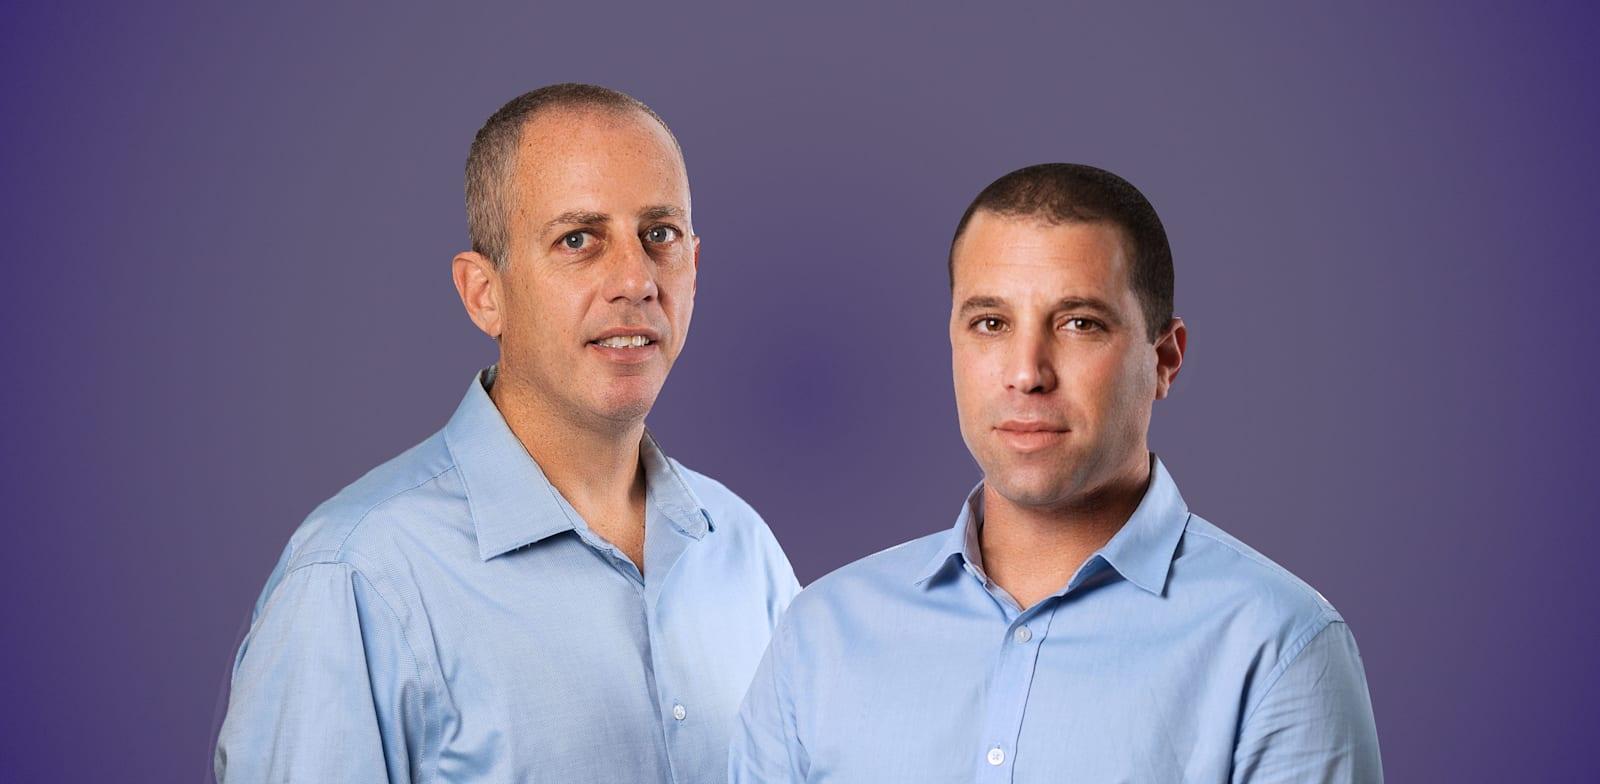 """תום שפרן, מנכ""""ל סולגרין, וגל בוגין, יו""""ר החברה / צילום: אייל טואג"""